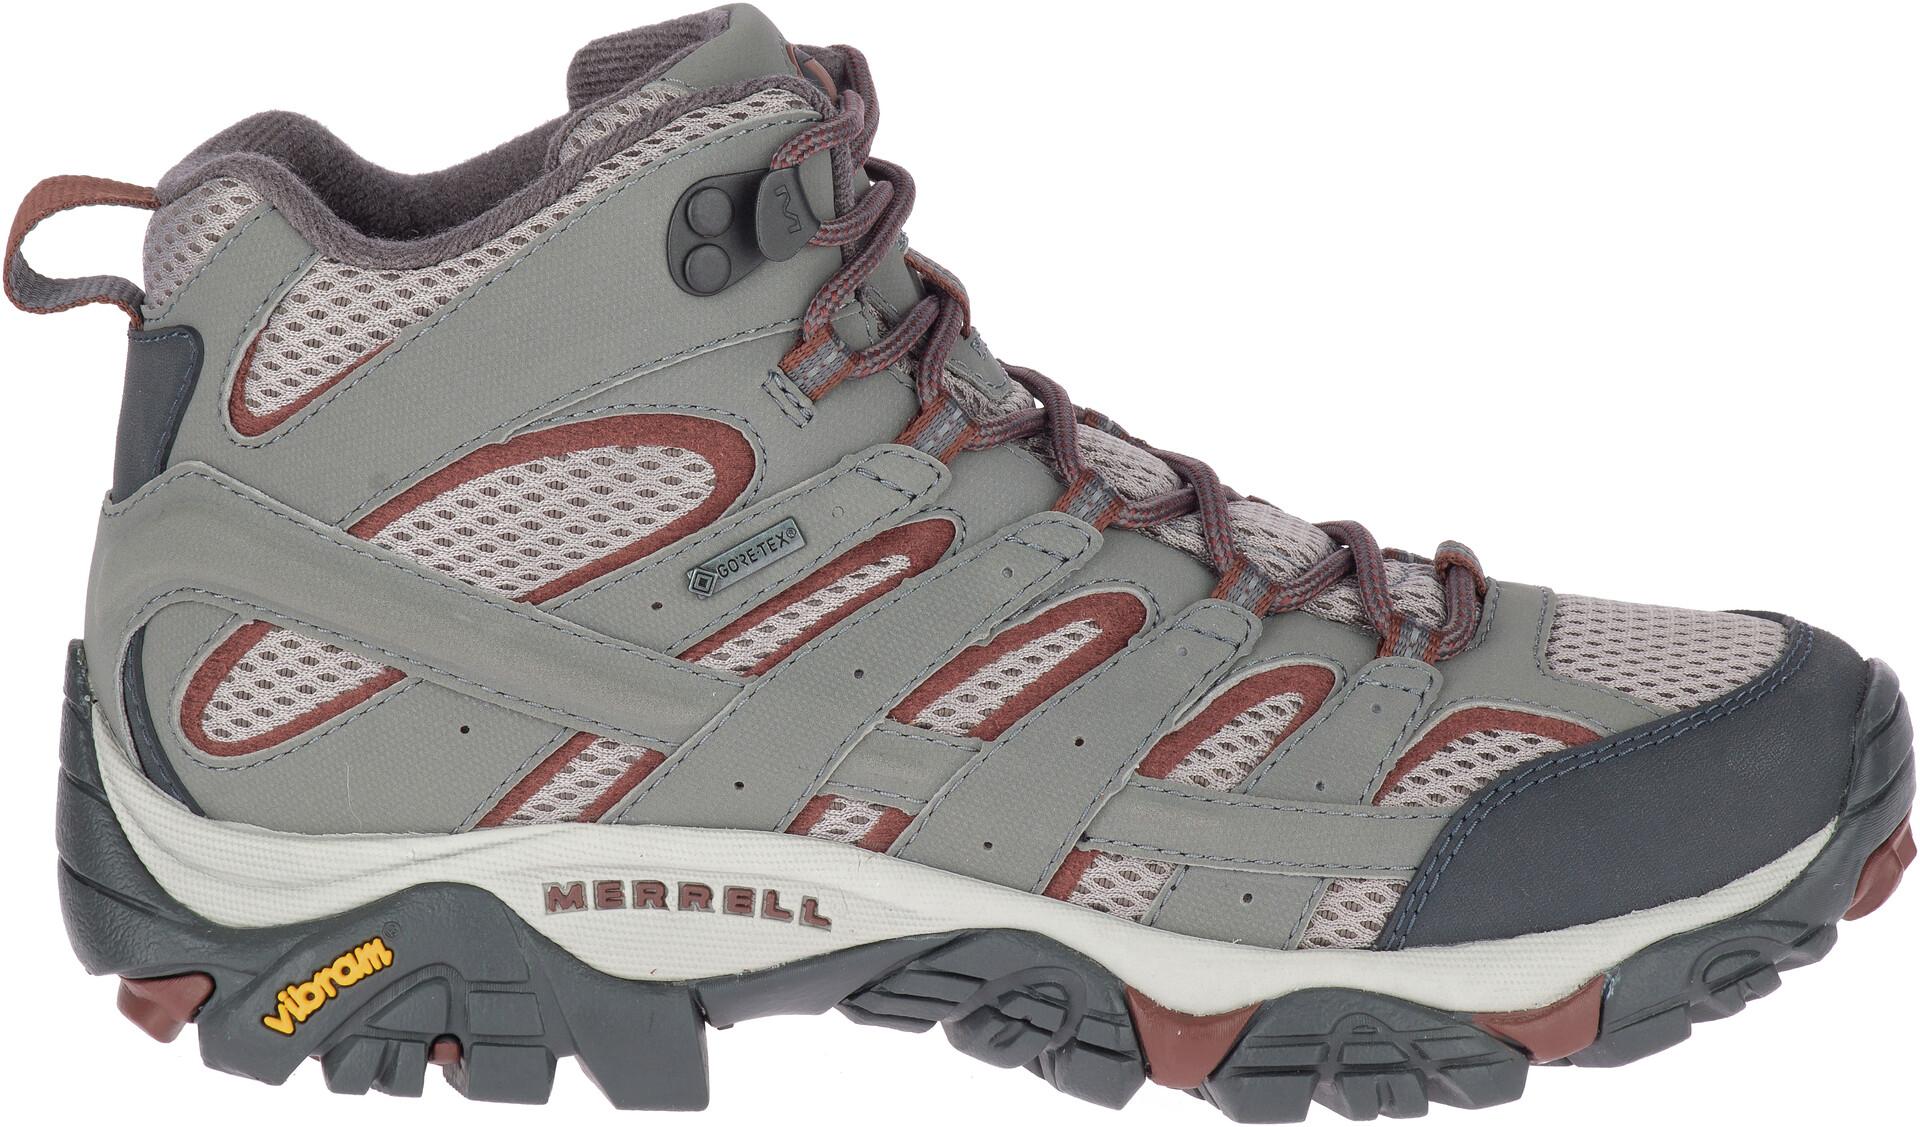 Merrell Moab 2 GTX Mid Cut Schuhe Damen black